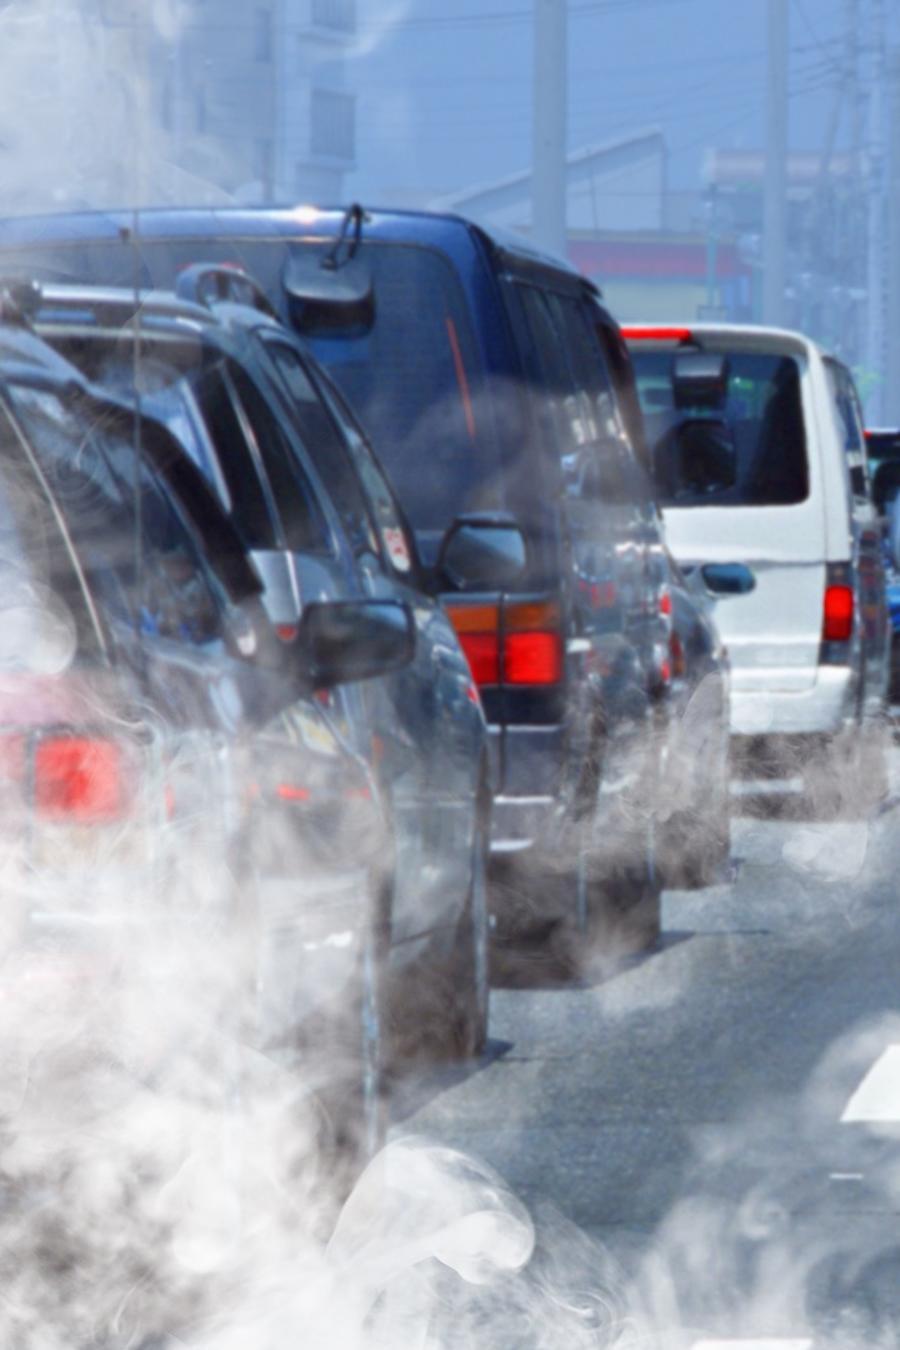 Polución proveniente de carros